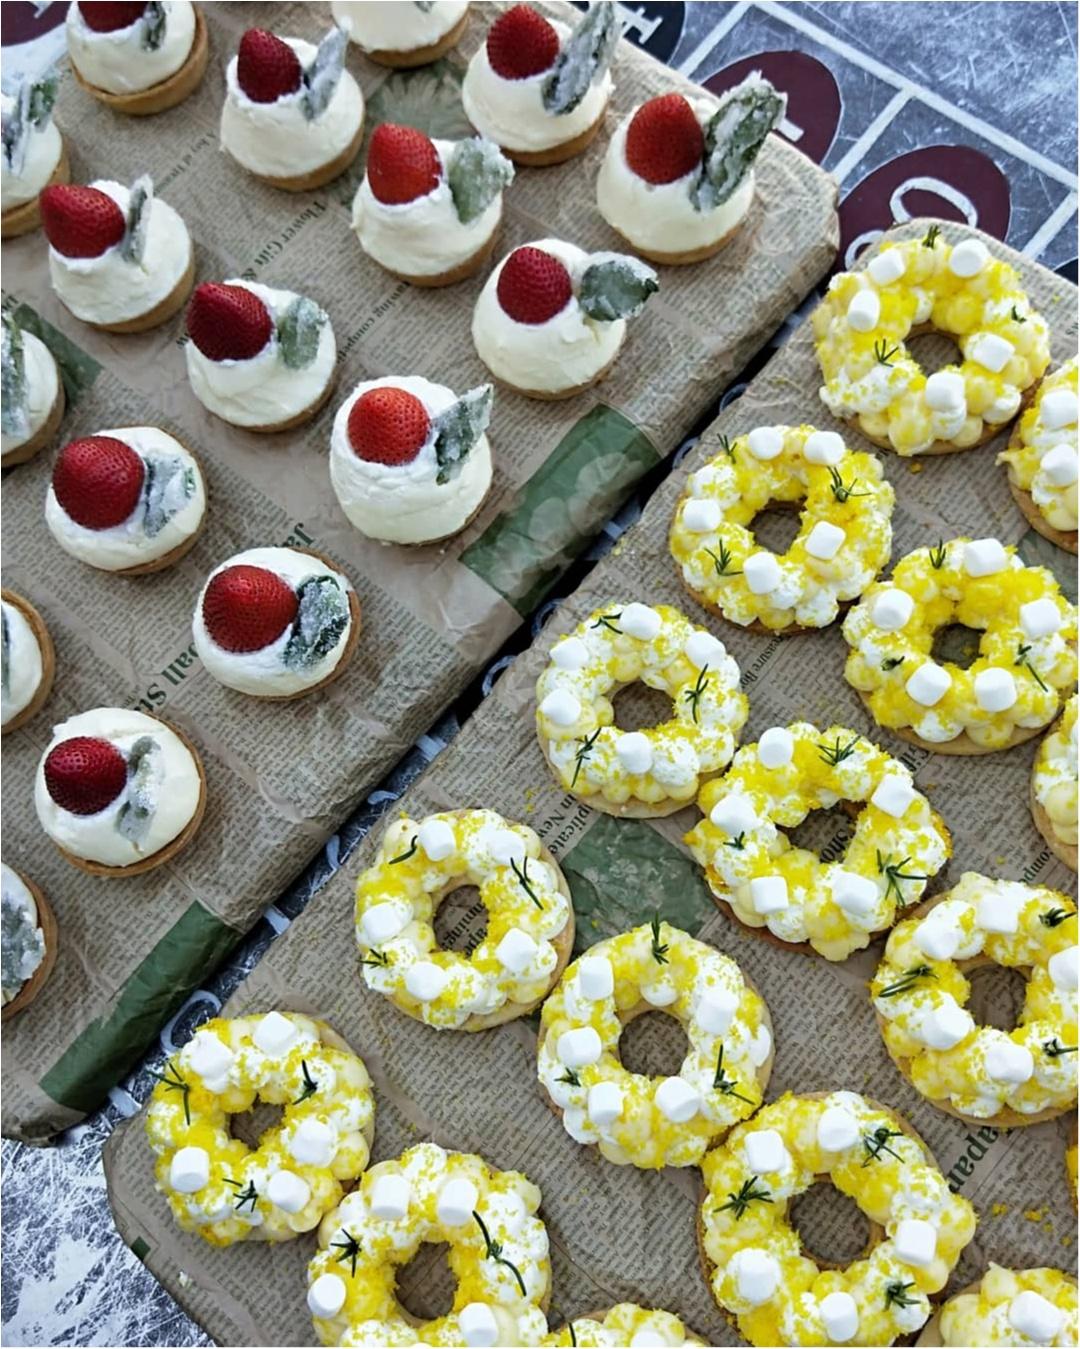 パイ専門店「Pie Holic」の新作試食会に参加♡コンセプトは「ハーブとフルーツ」_2